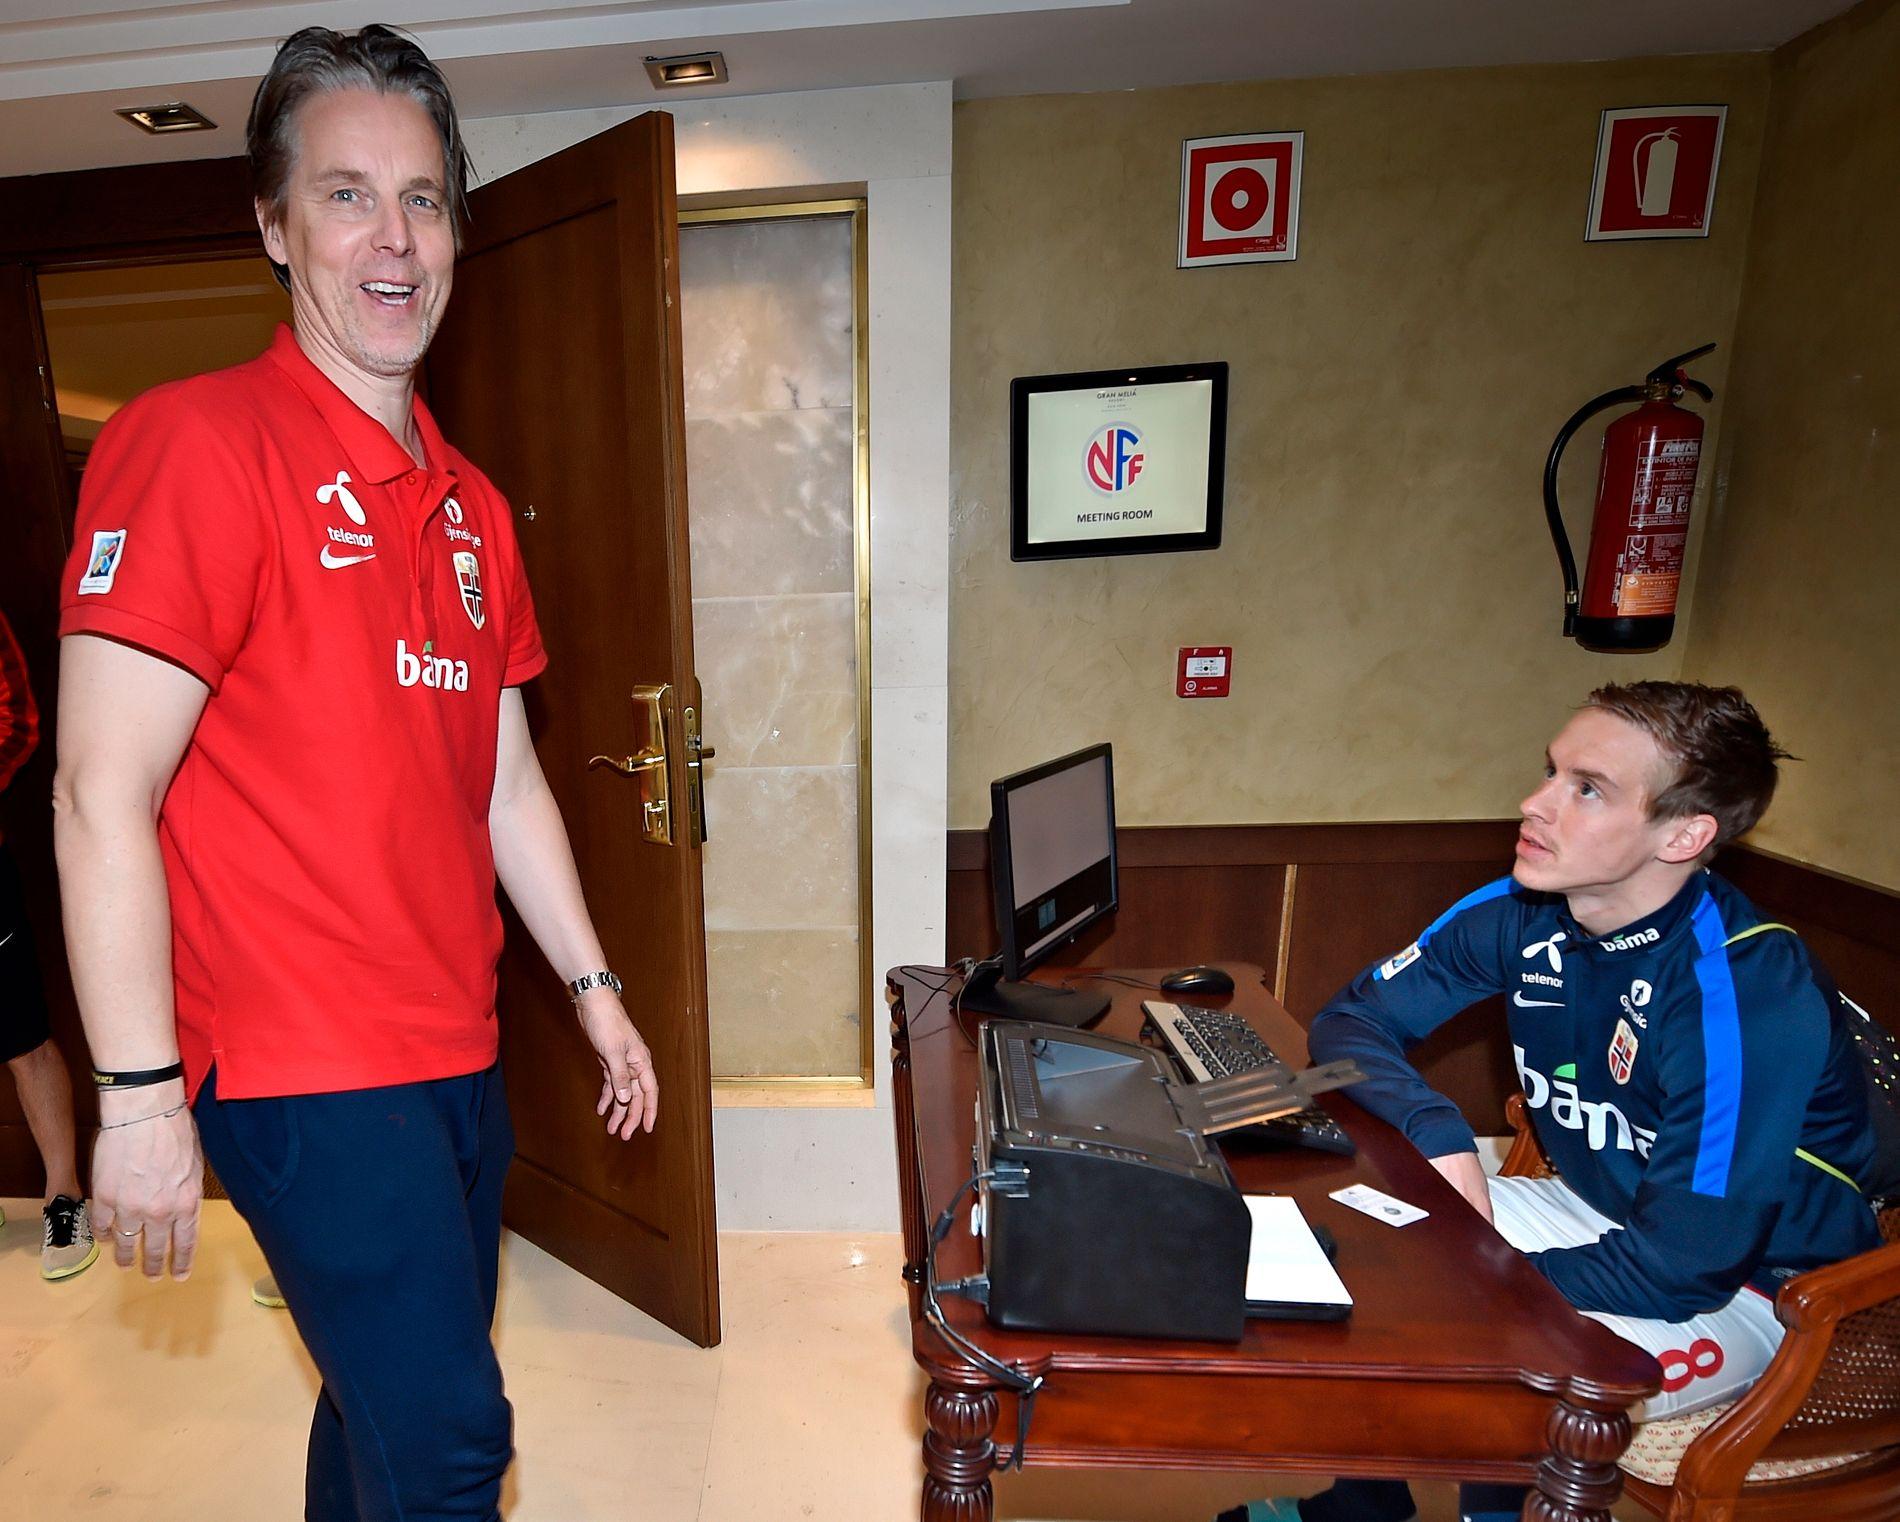 SLUTTER PÅ LANDSLAGET: Jan Åge Fjørtoft vil ikke lenger være en del av støtteapparatet til det norske fotballandslaget. Her er han i Marbella foran bortekampen mot Kroatia i fjor. Til høyre: Stefen Johansen.